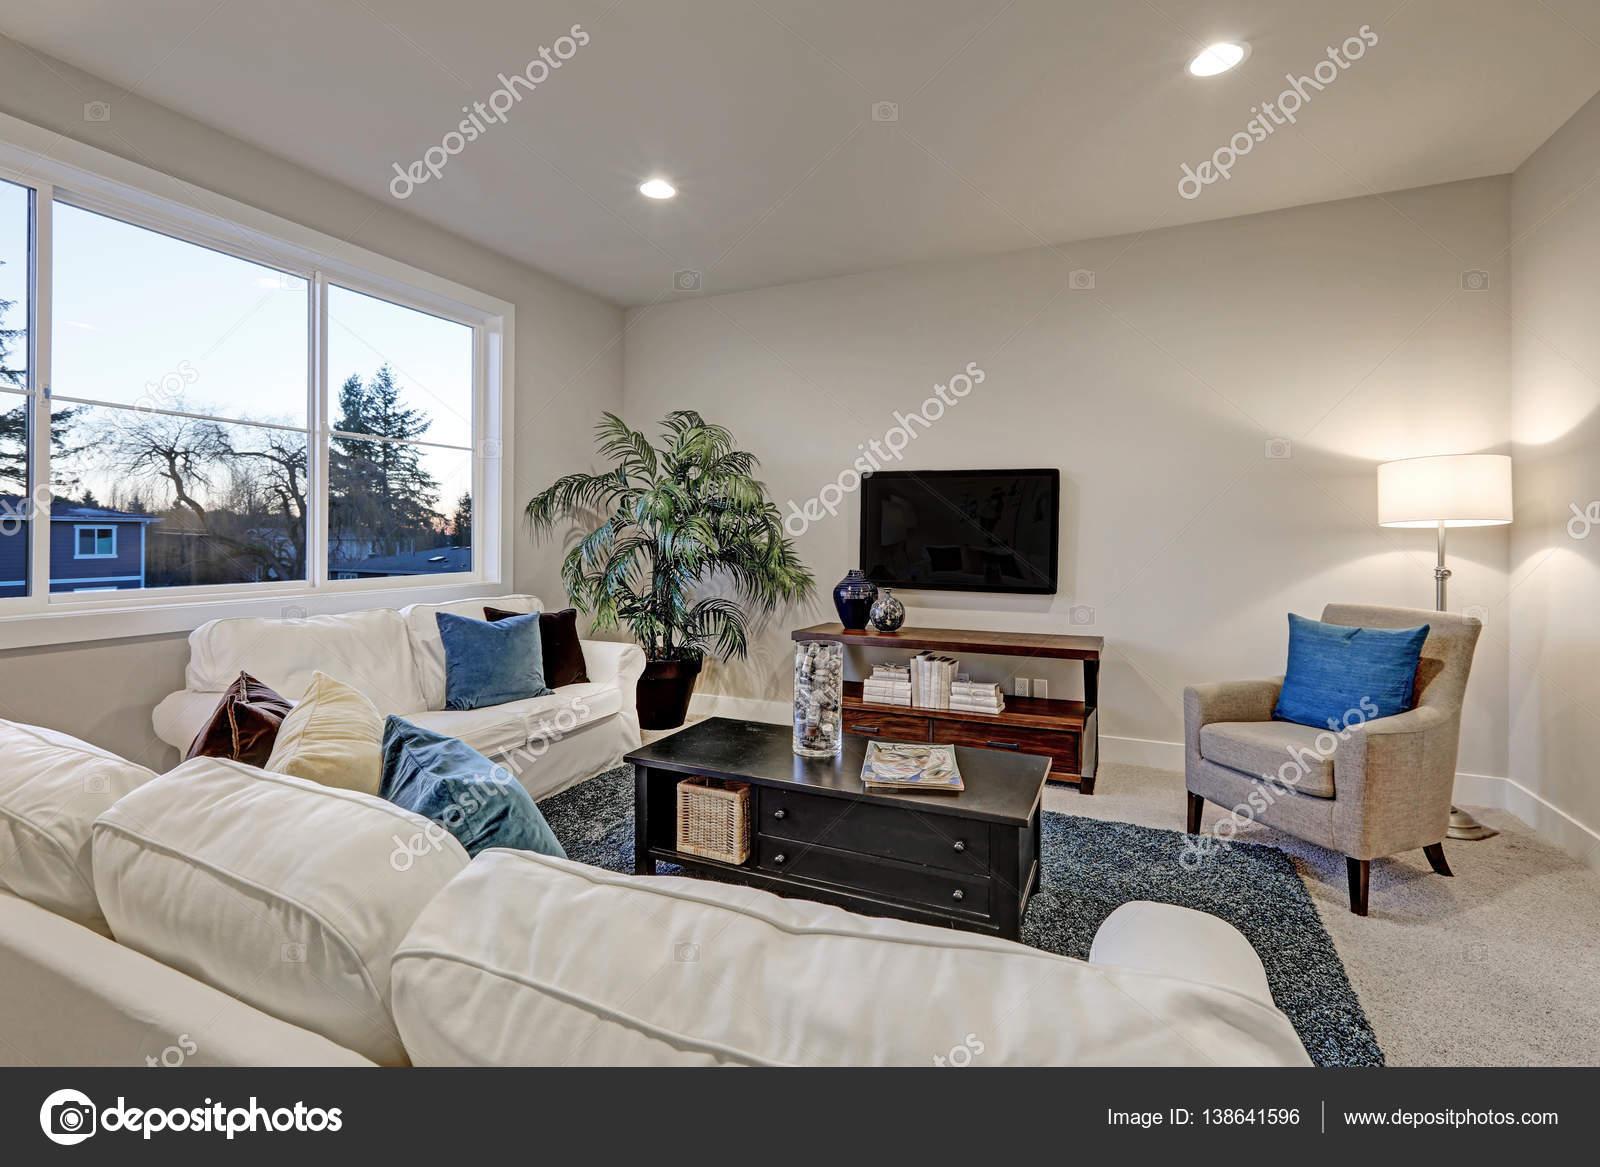 Wit en beige woonkamer interieur met blauw accent tapijt — Stockfoto ...